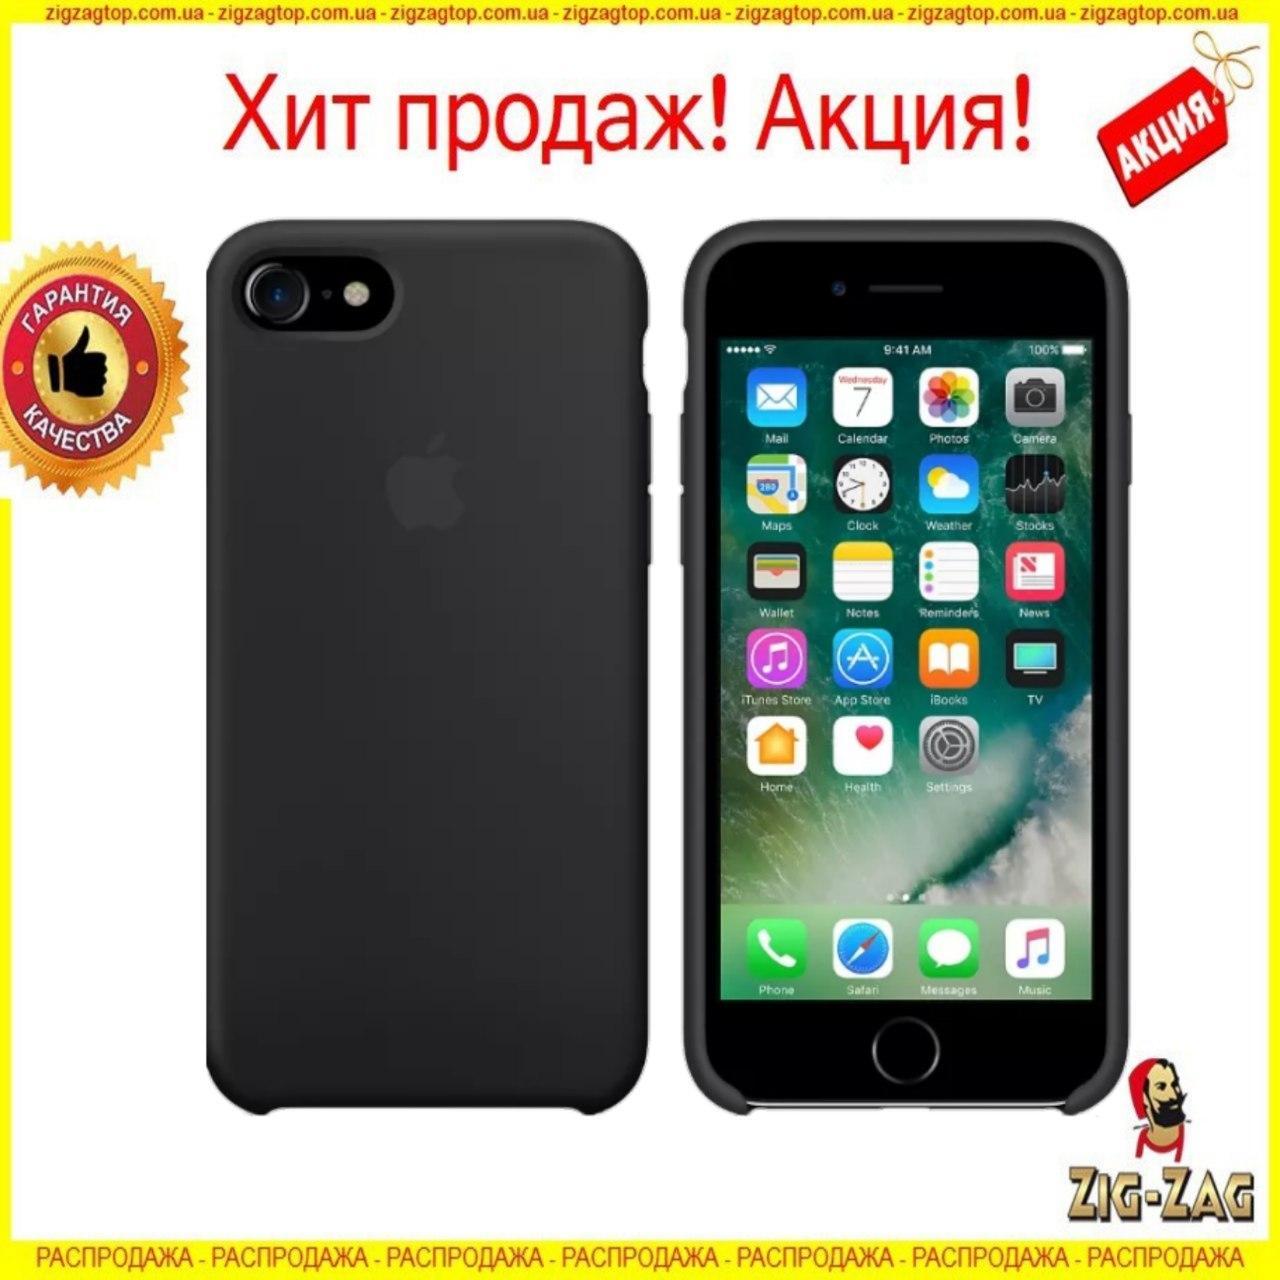 Чехол Silicone Case на Apple iPhone Original 6, 6s, 6 plus, 6s plus, 7 plus, 8 plus,  11 Pro Max 7, 8, X, Xs